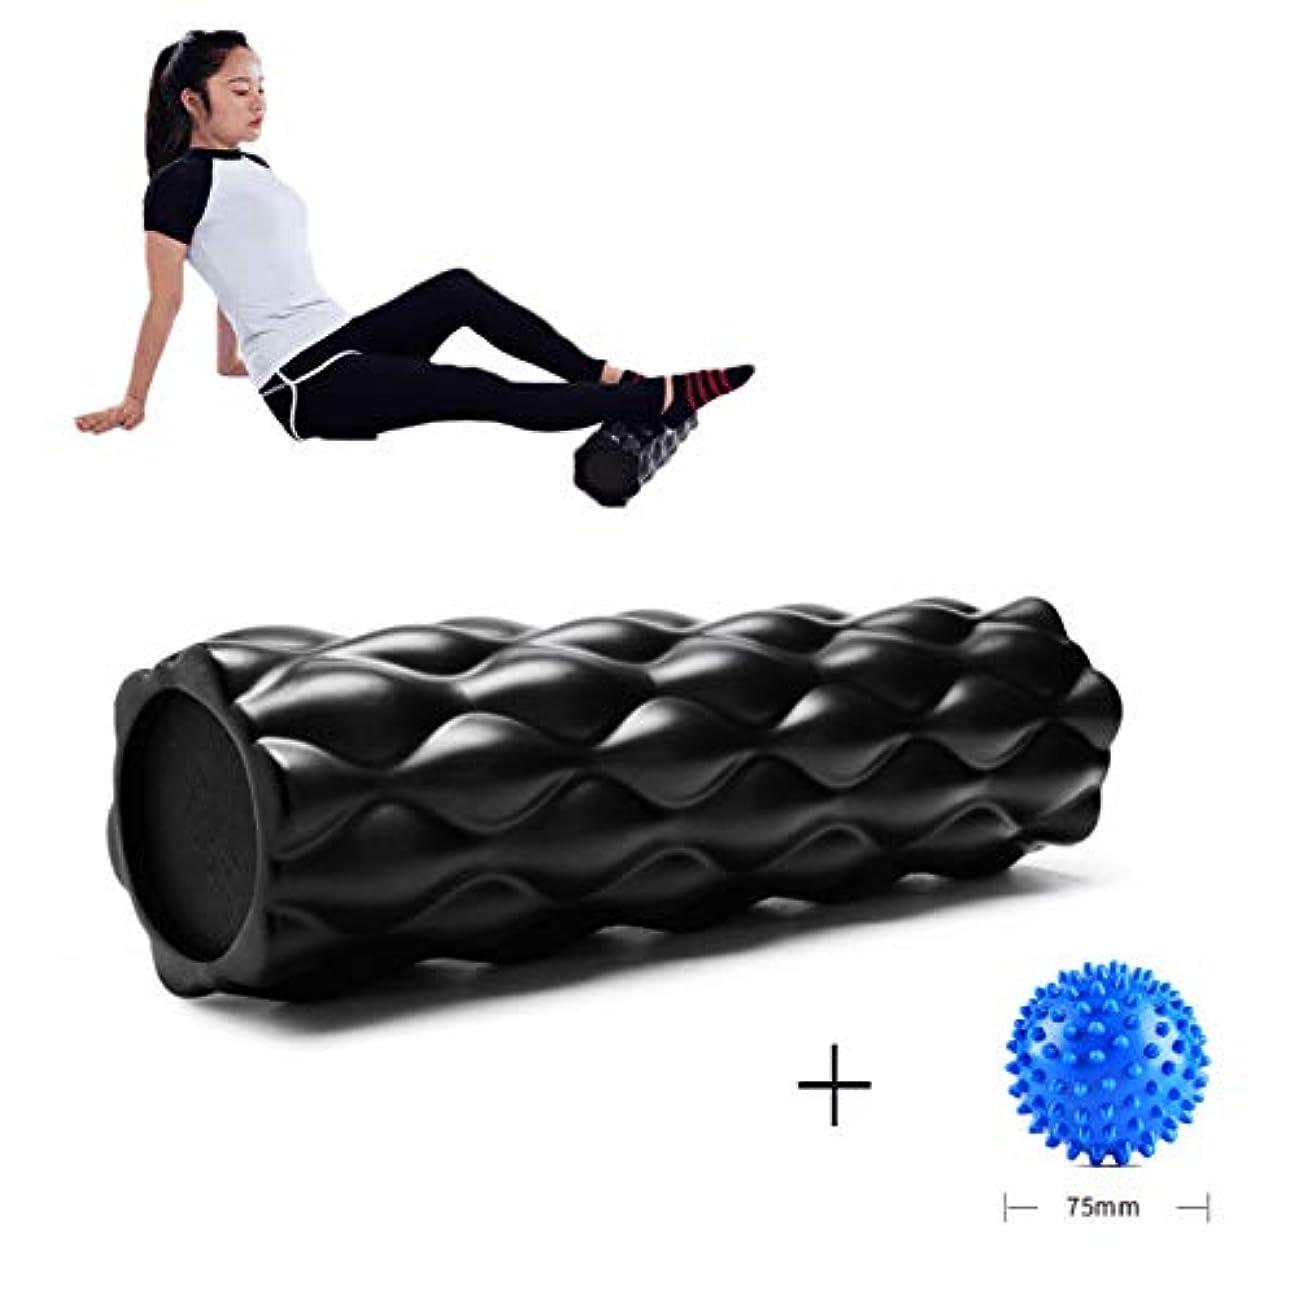 フォーラムドック傾向があるフォームローラー 深部組織筋肉マッサージトリガーポイント解放(44.5 x 13.5 cm)のための高密度耐圧脊髄チャンネル,Black